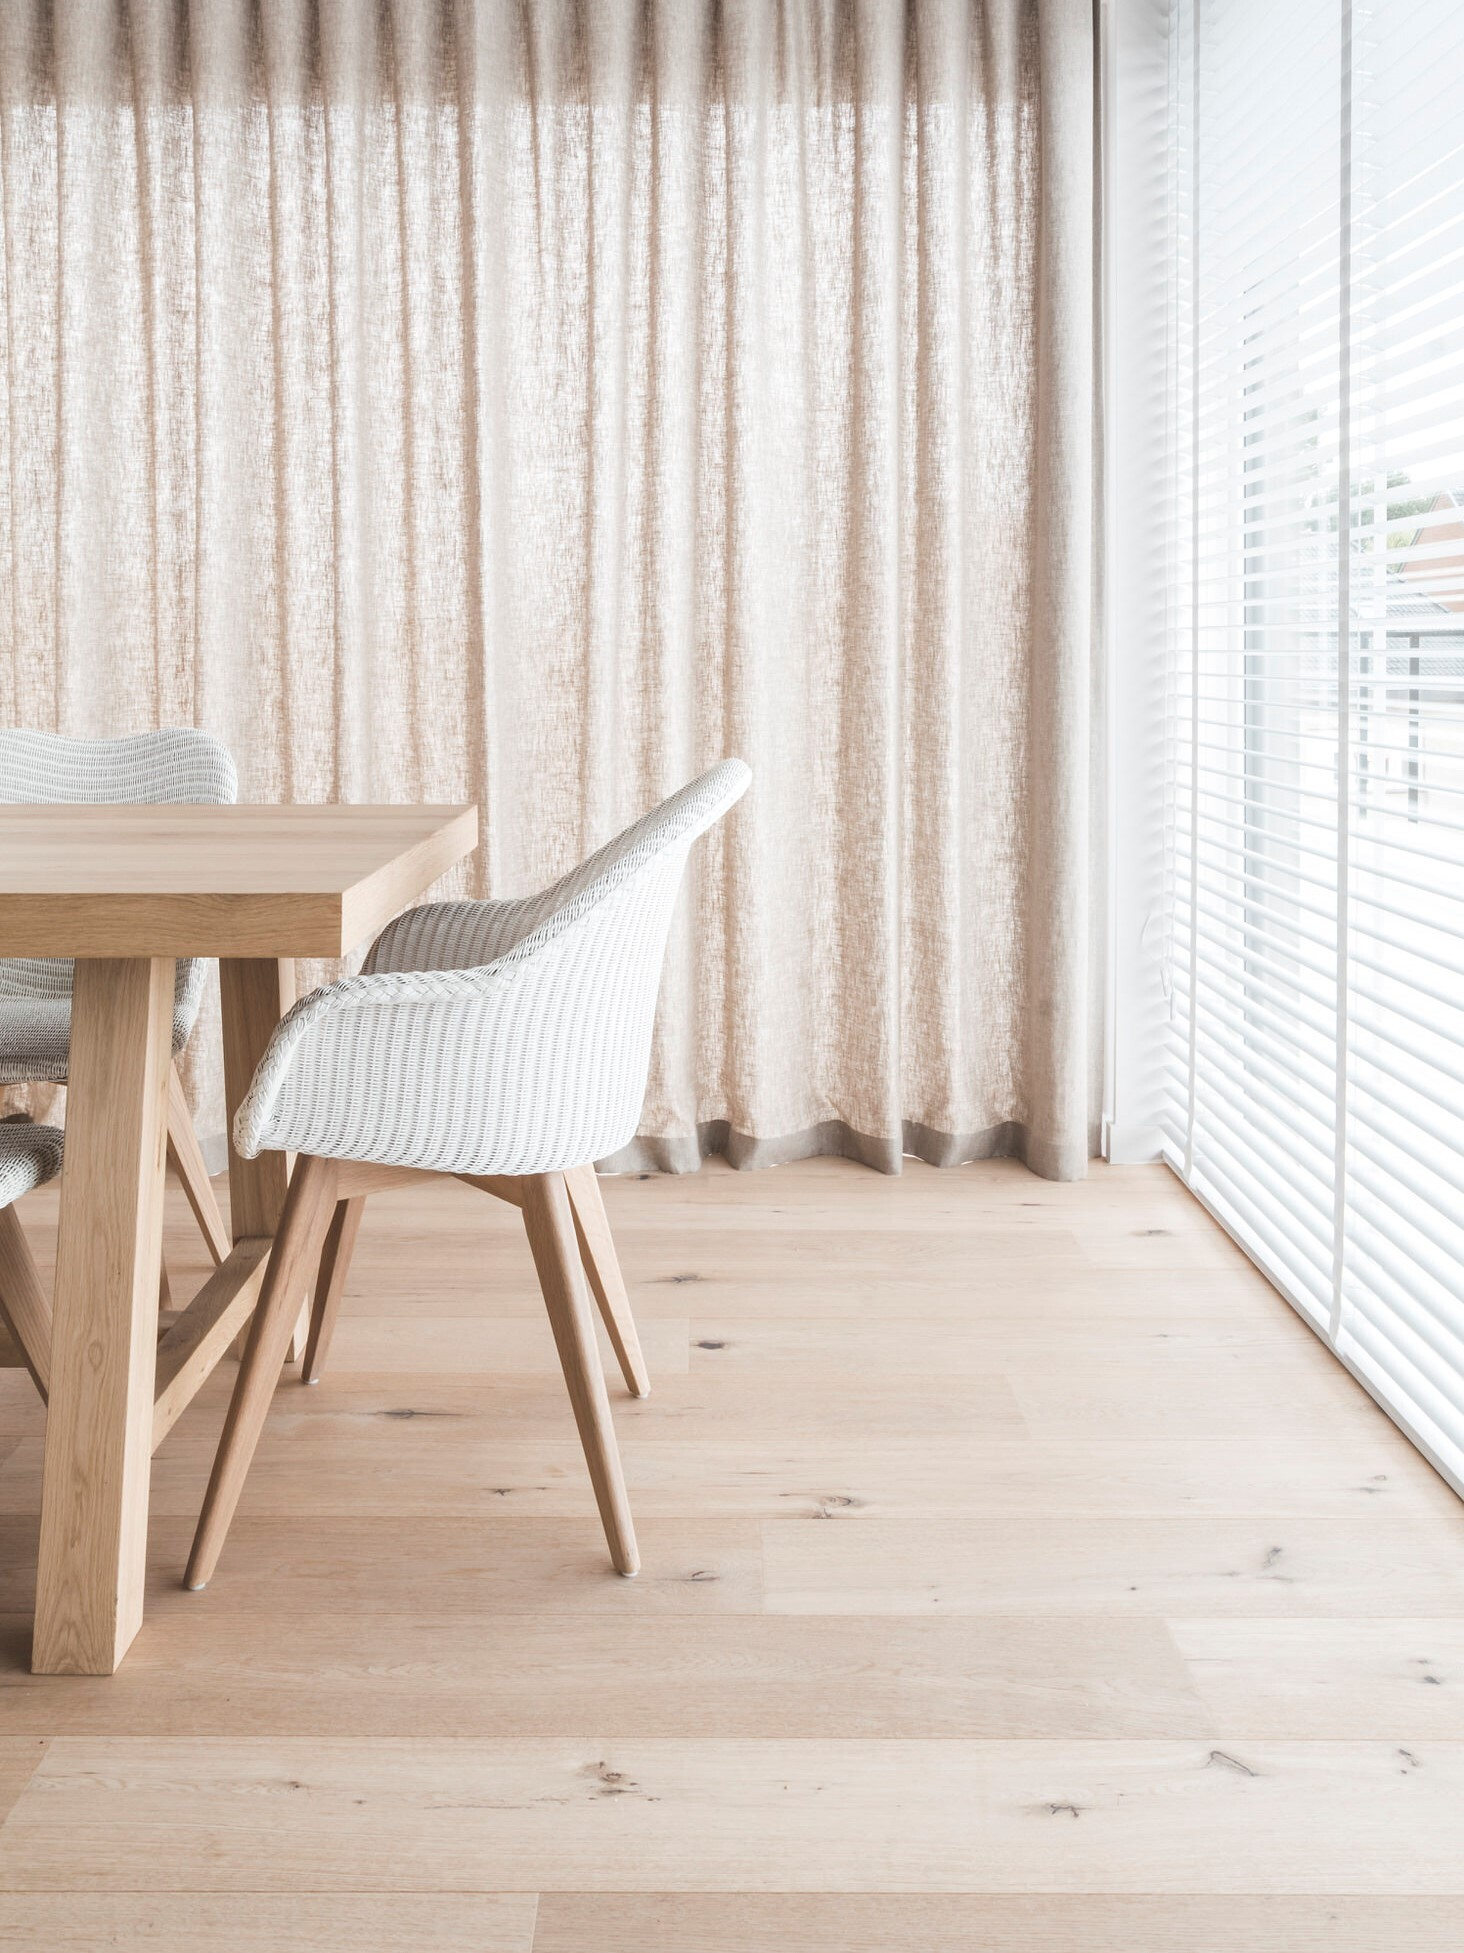 MONTCLARE light oak floor in dining room